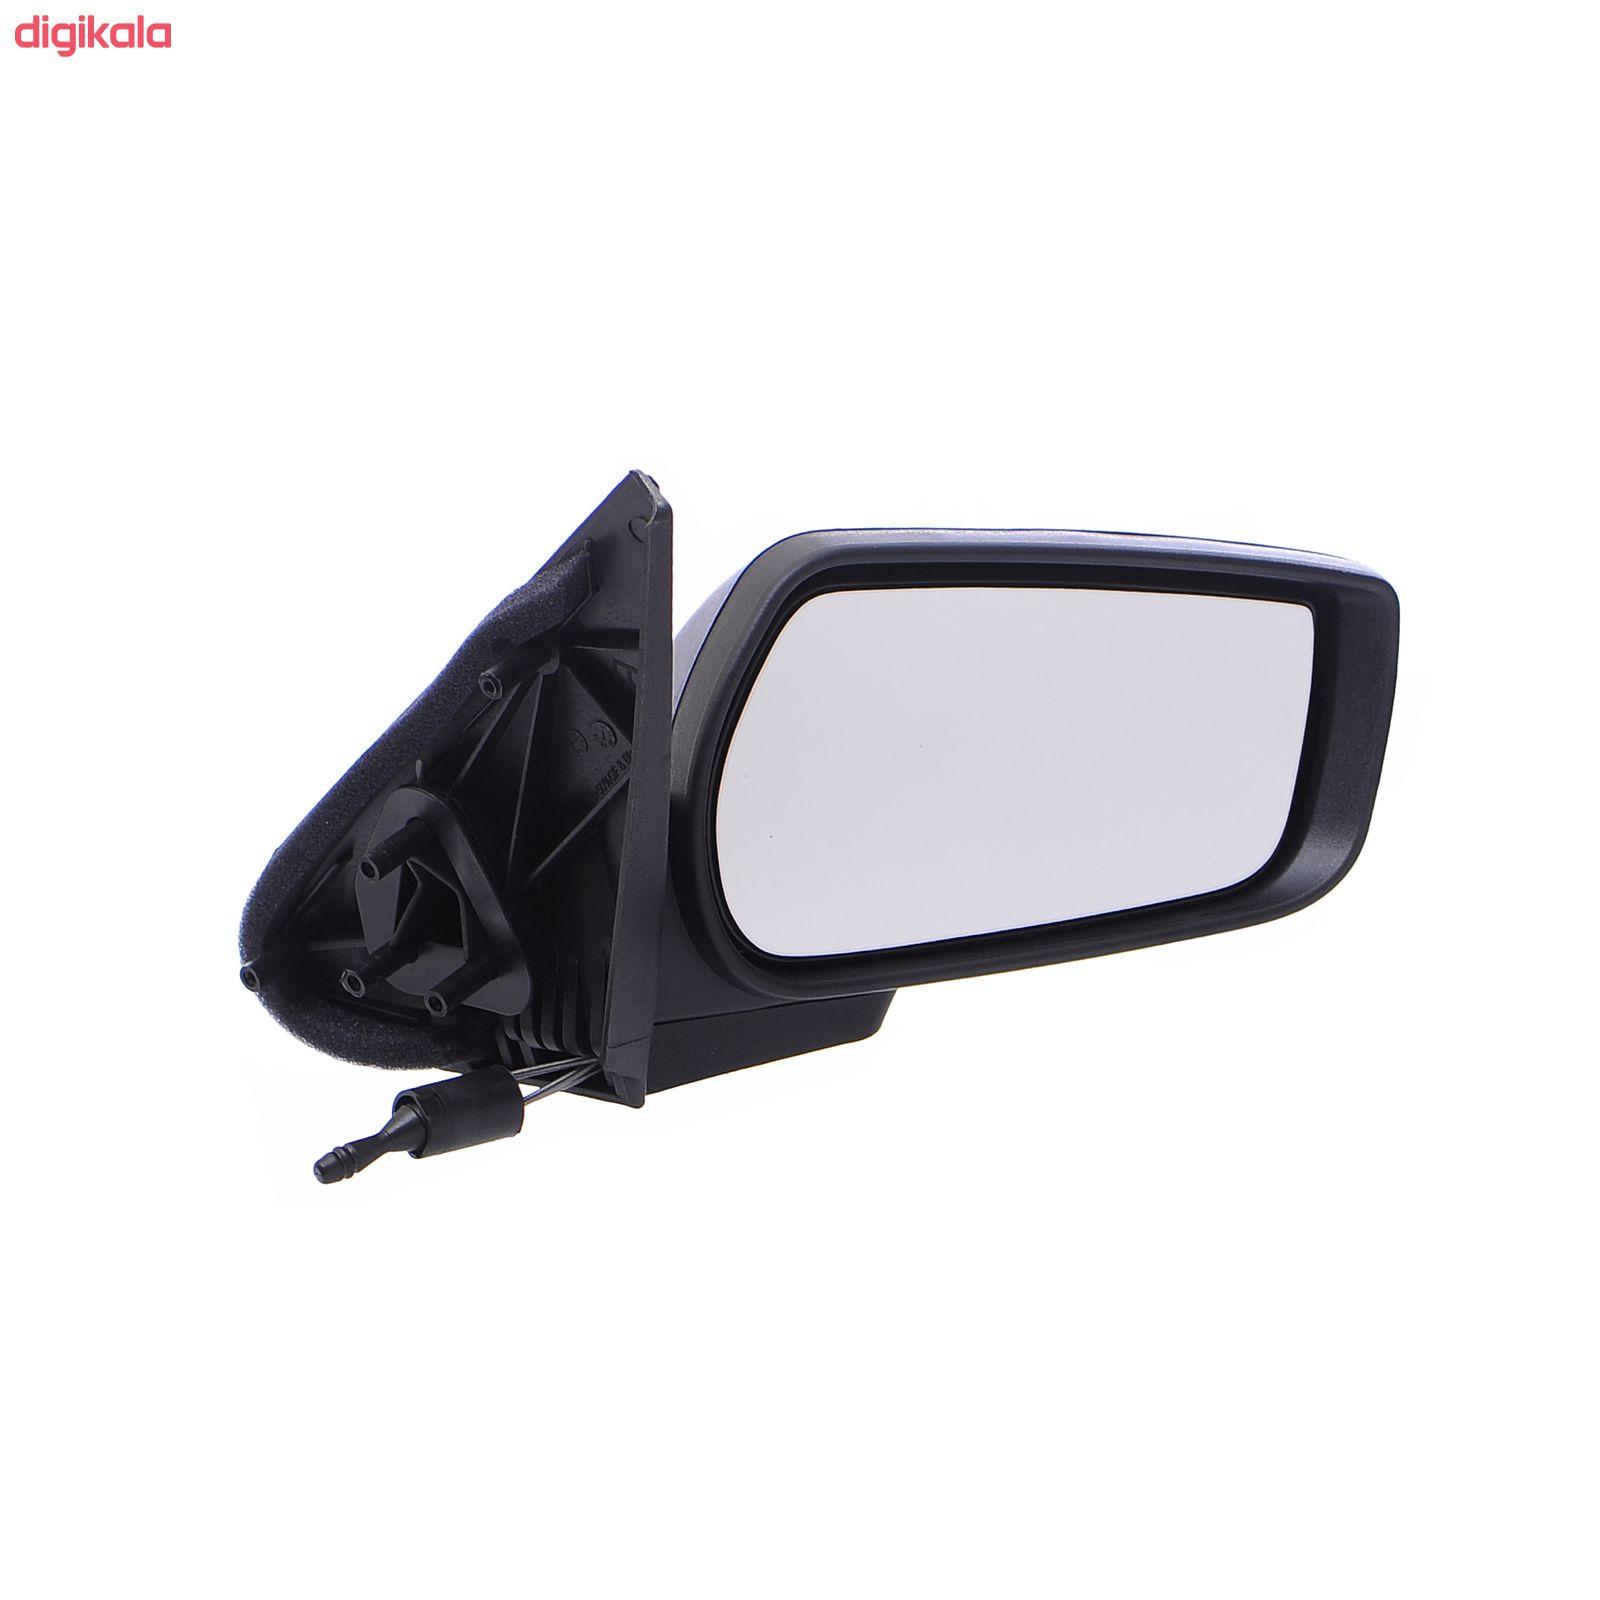 آینه جانبی راست خودرو کد CR0003 مناسب برای پژو 405 main 1 2